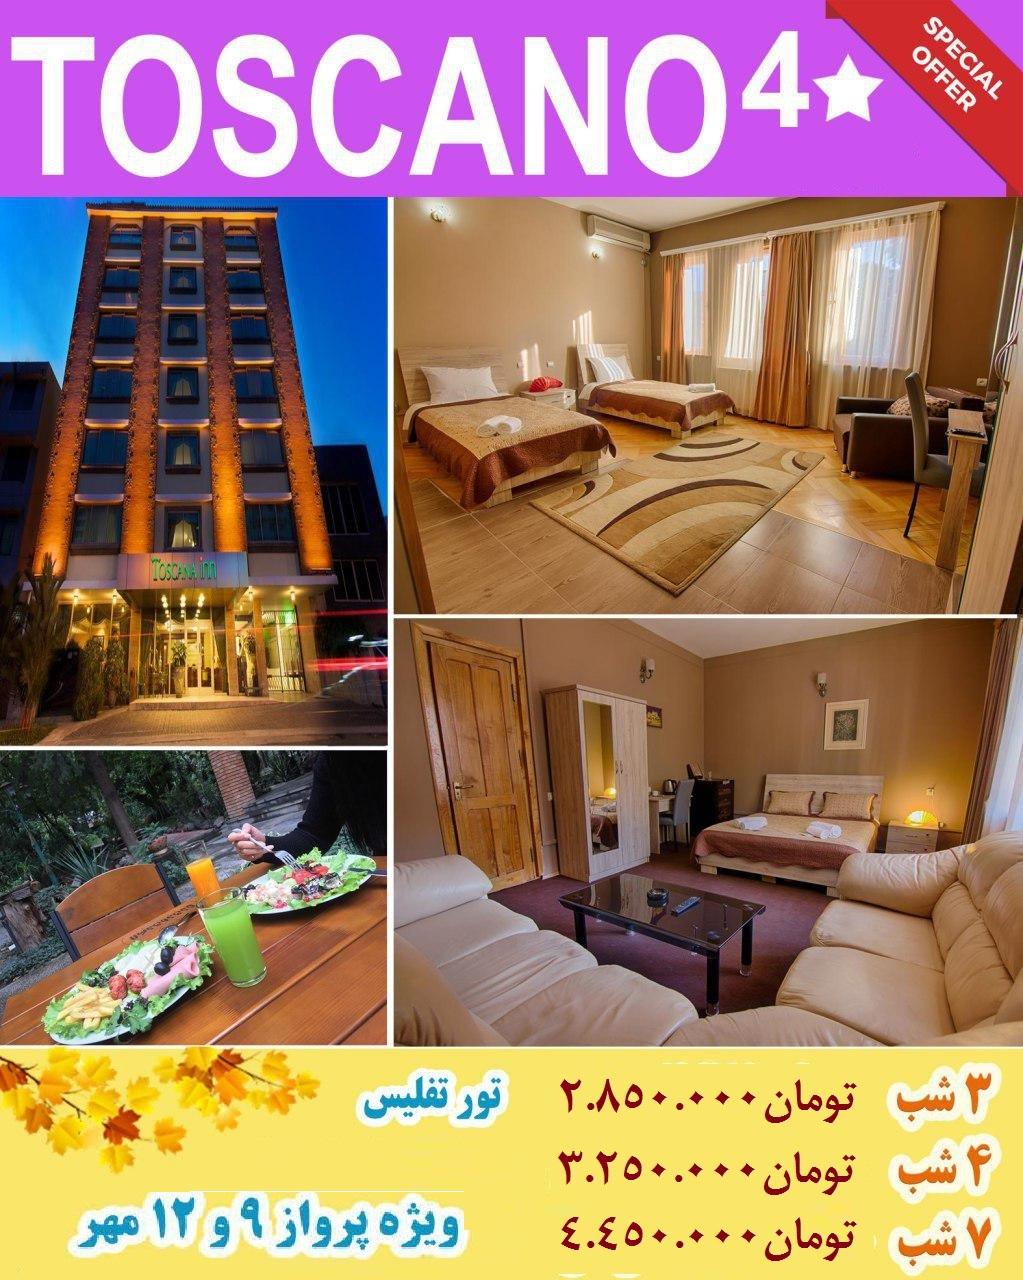 تور ویژه گرجستان از اصفهان ۹ مهر۹۷